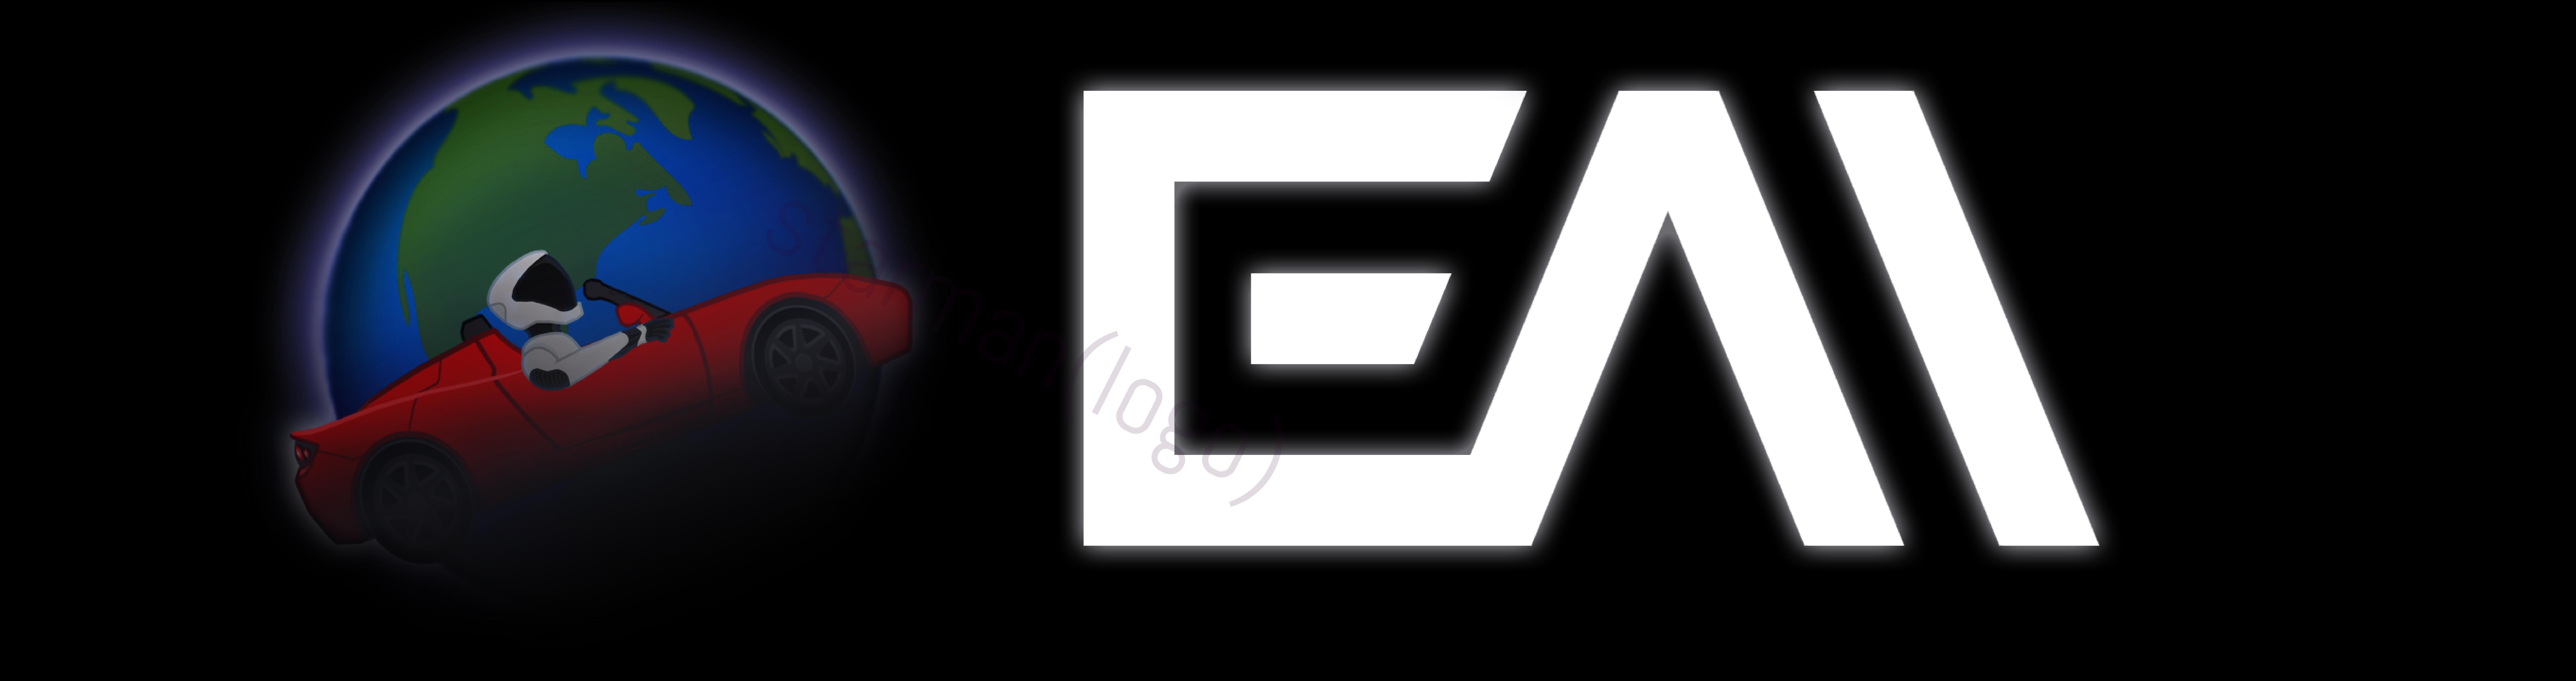 Логотип для новостного сайта  фото f_4565b746f4ed1609.png